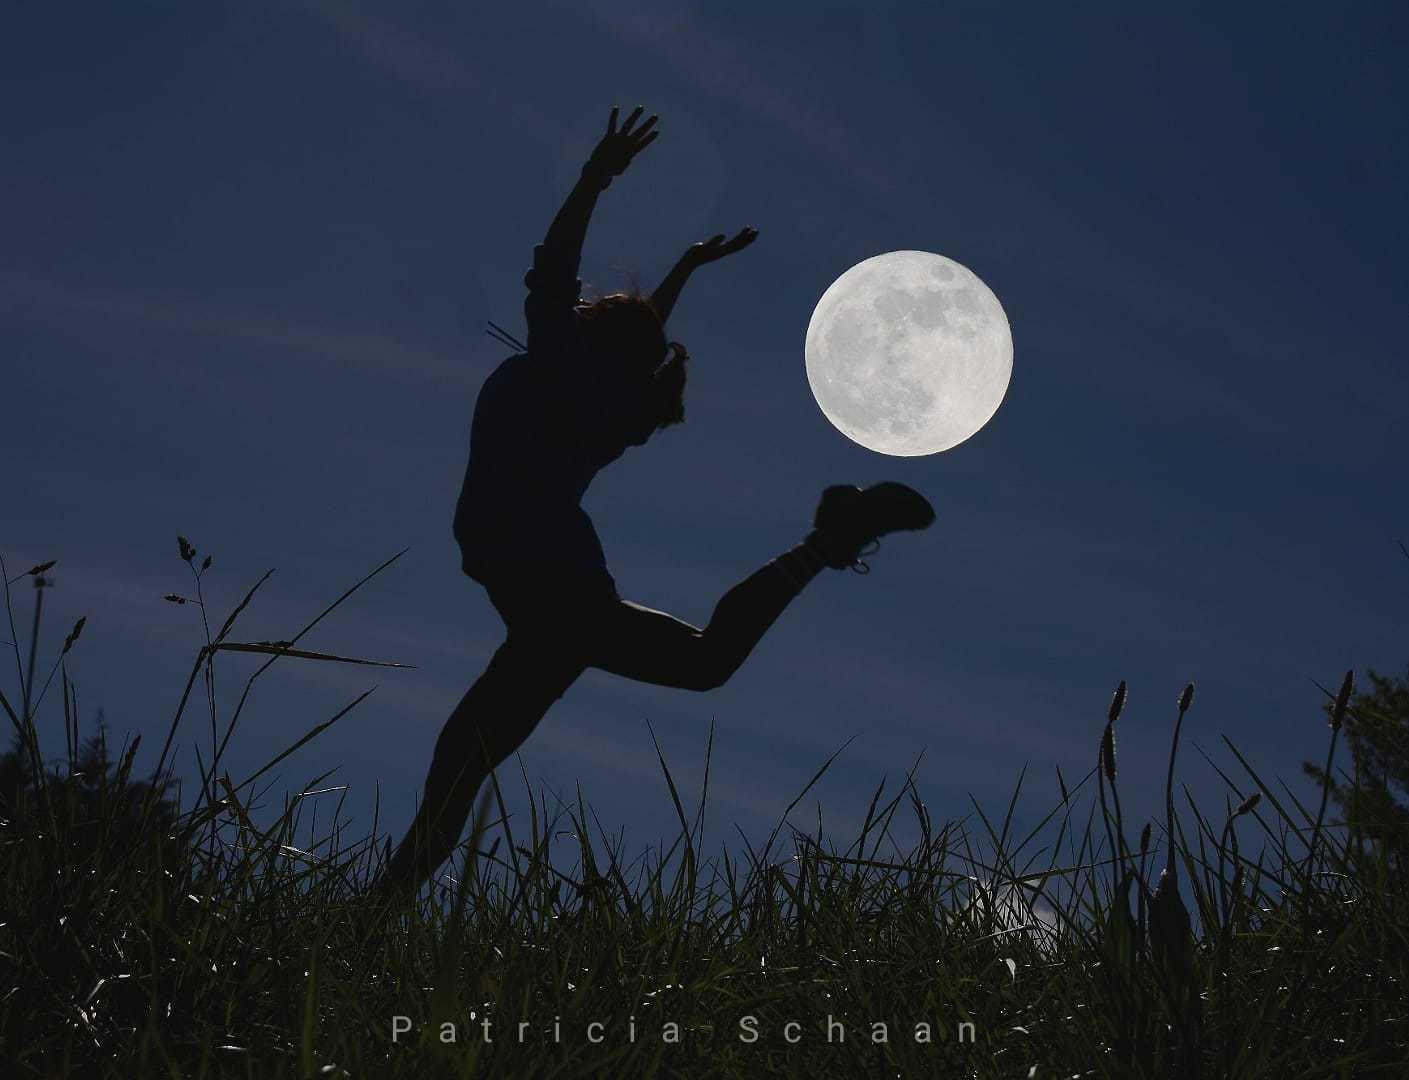 Silueta en movimiento con luna en el cielo ganadora del #fotoreto118